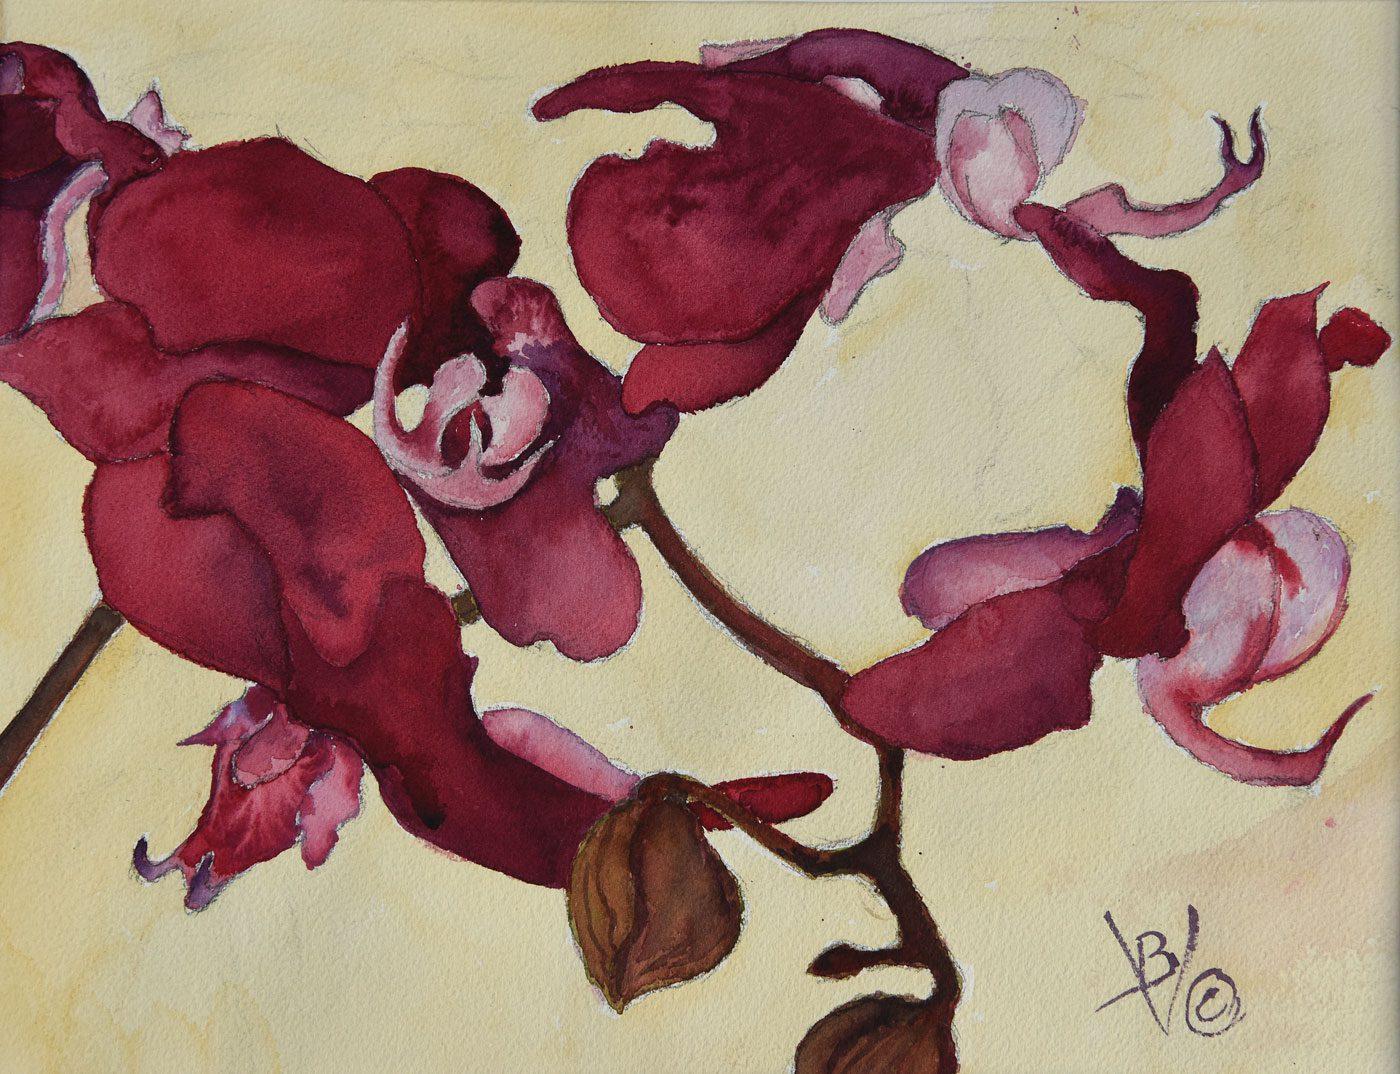 Bernard Vieille, Red Orchids